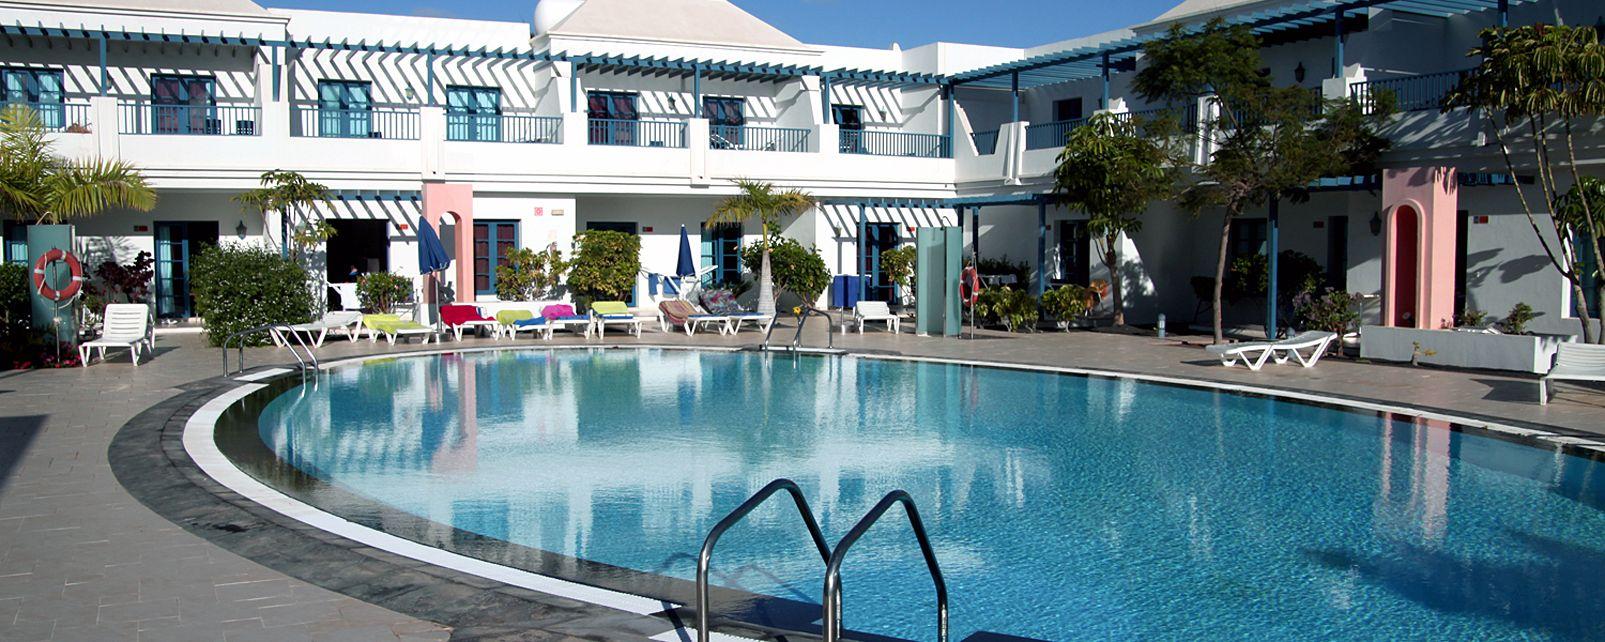 Hotel Sun Island